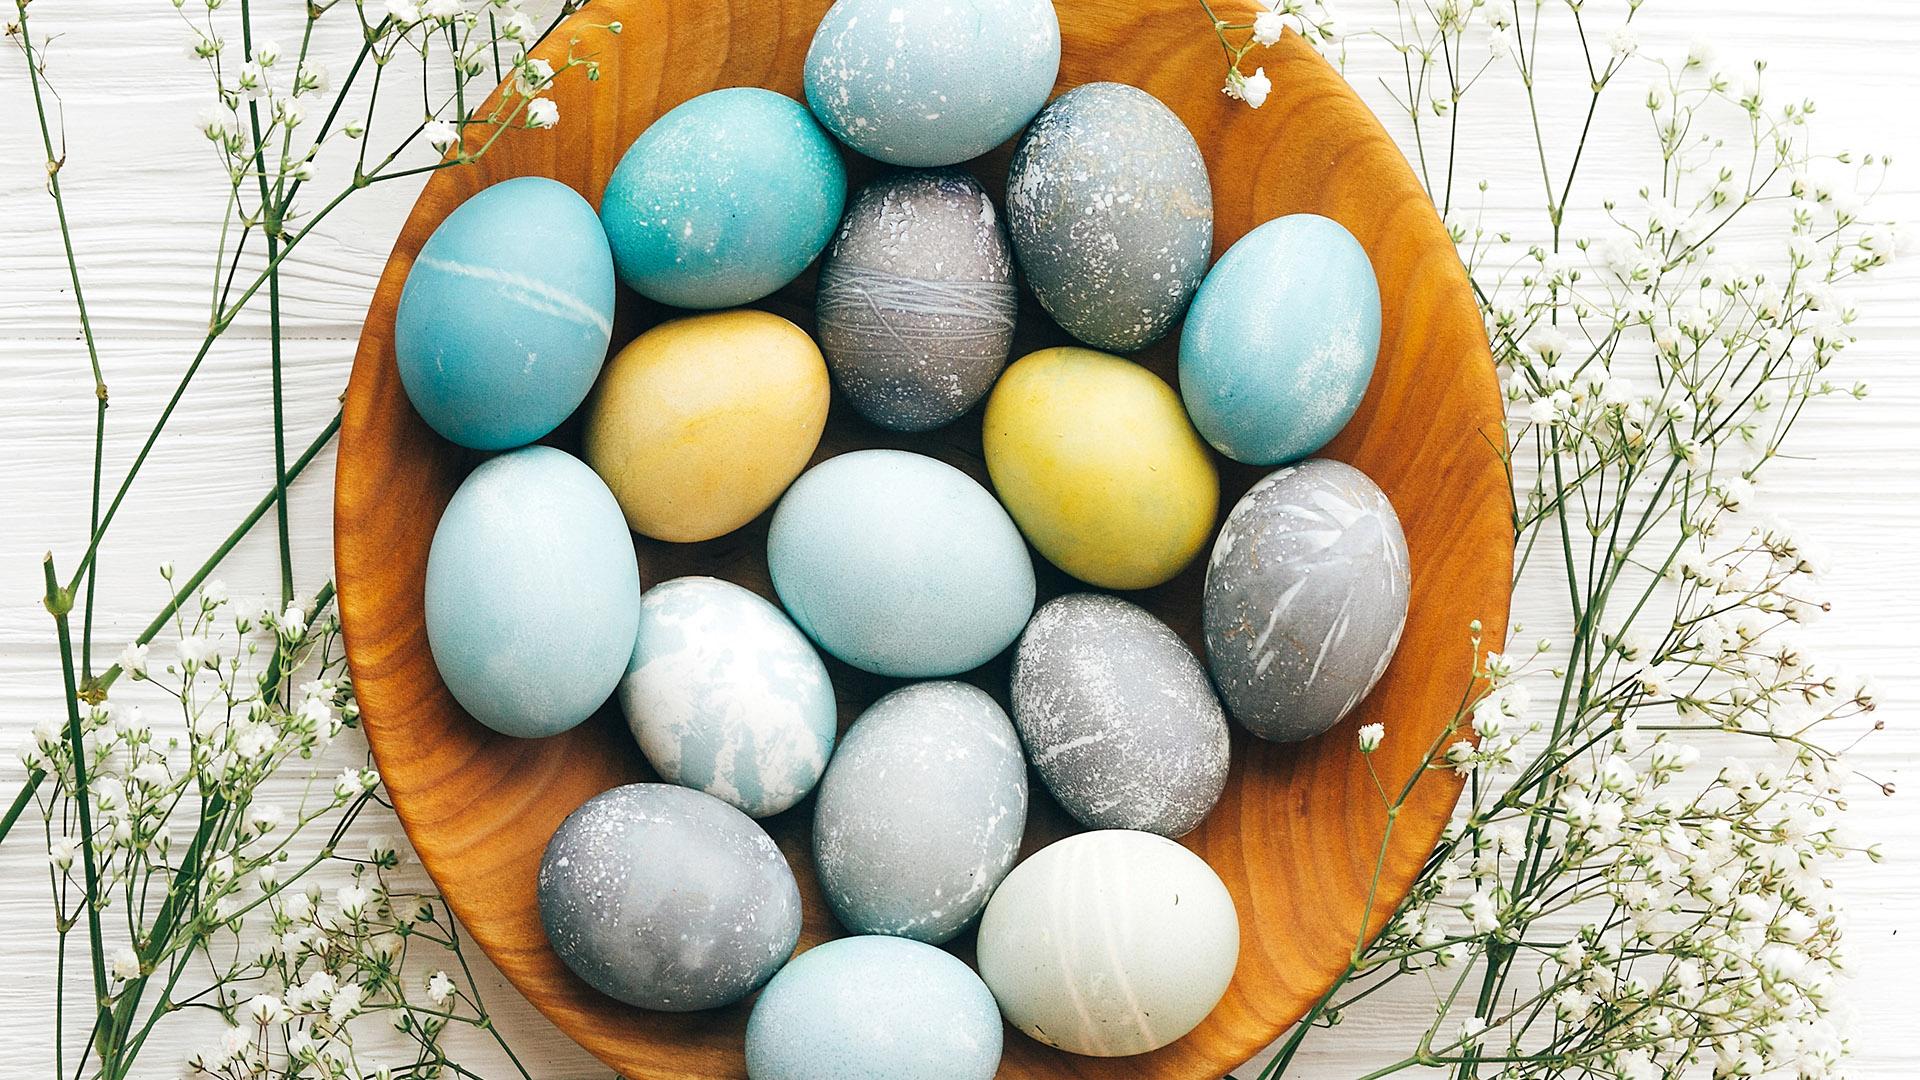 babonák barka ezotéria festett tojás húsvét vasárnap húsvéthétfő húsvéti babonák húsvéti ünnep locsolás nagycsütörtök nagypéntek ünnep ványik dóra